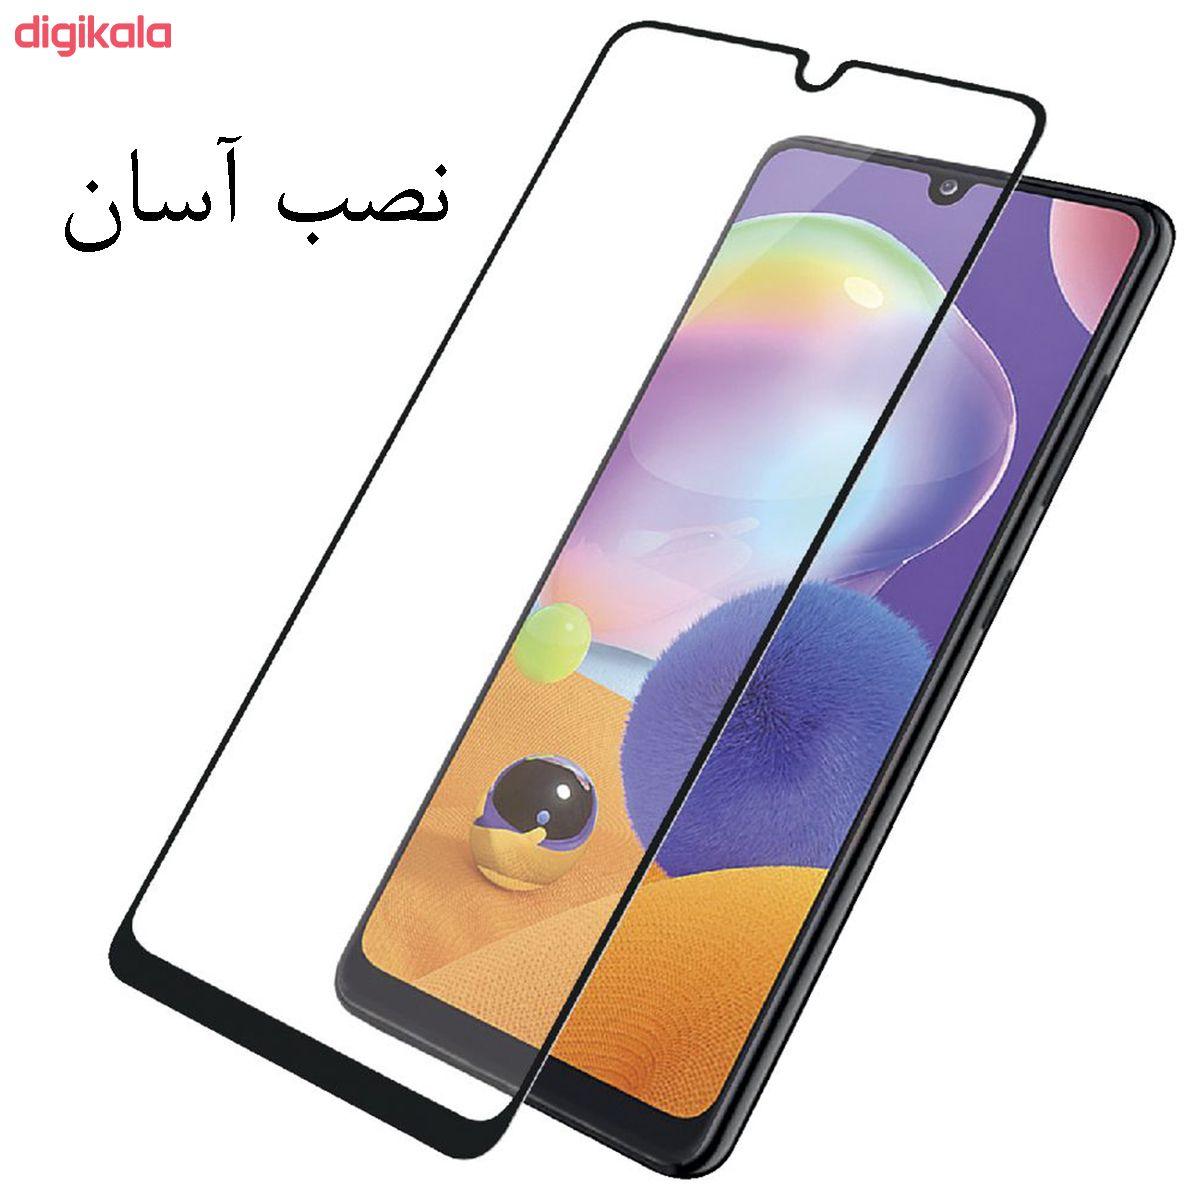 محافظ صفحه نمایش مدل PHSI مناسب برای گوشی موبایل سامسونگ Galaxy A31 main 1 1